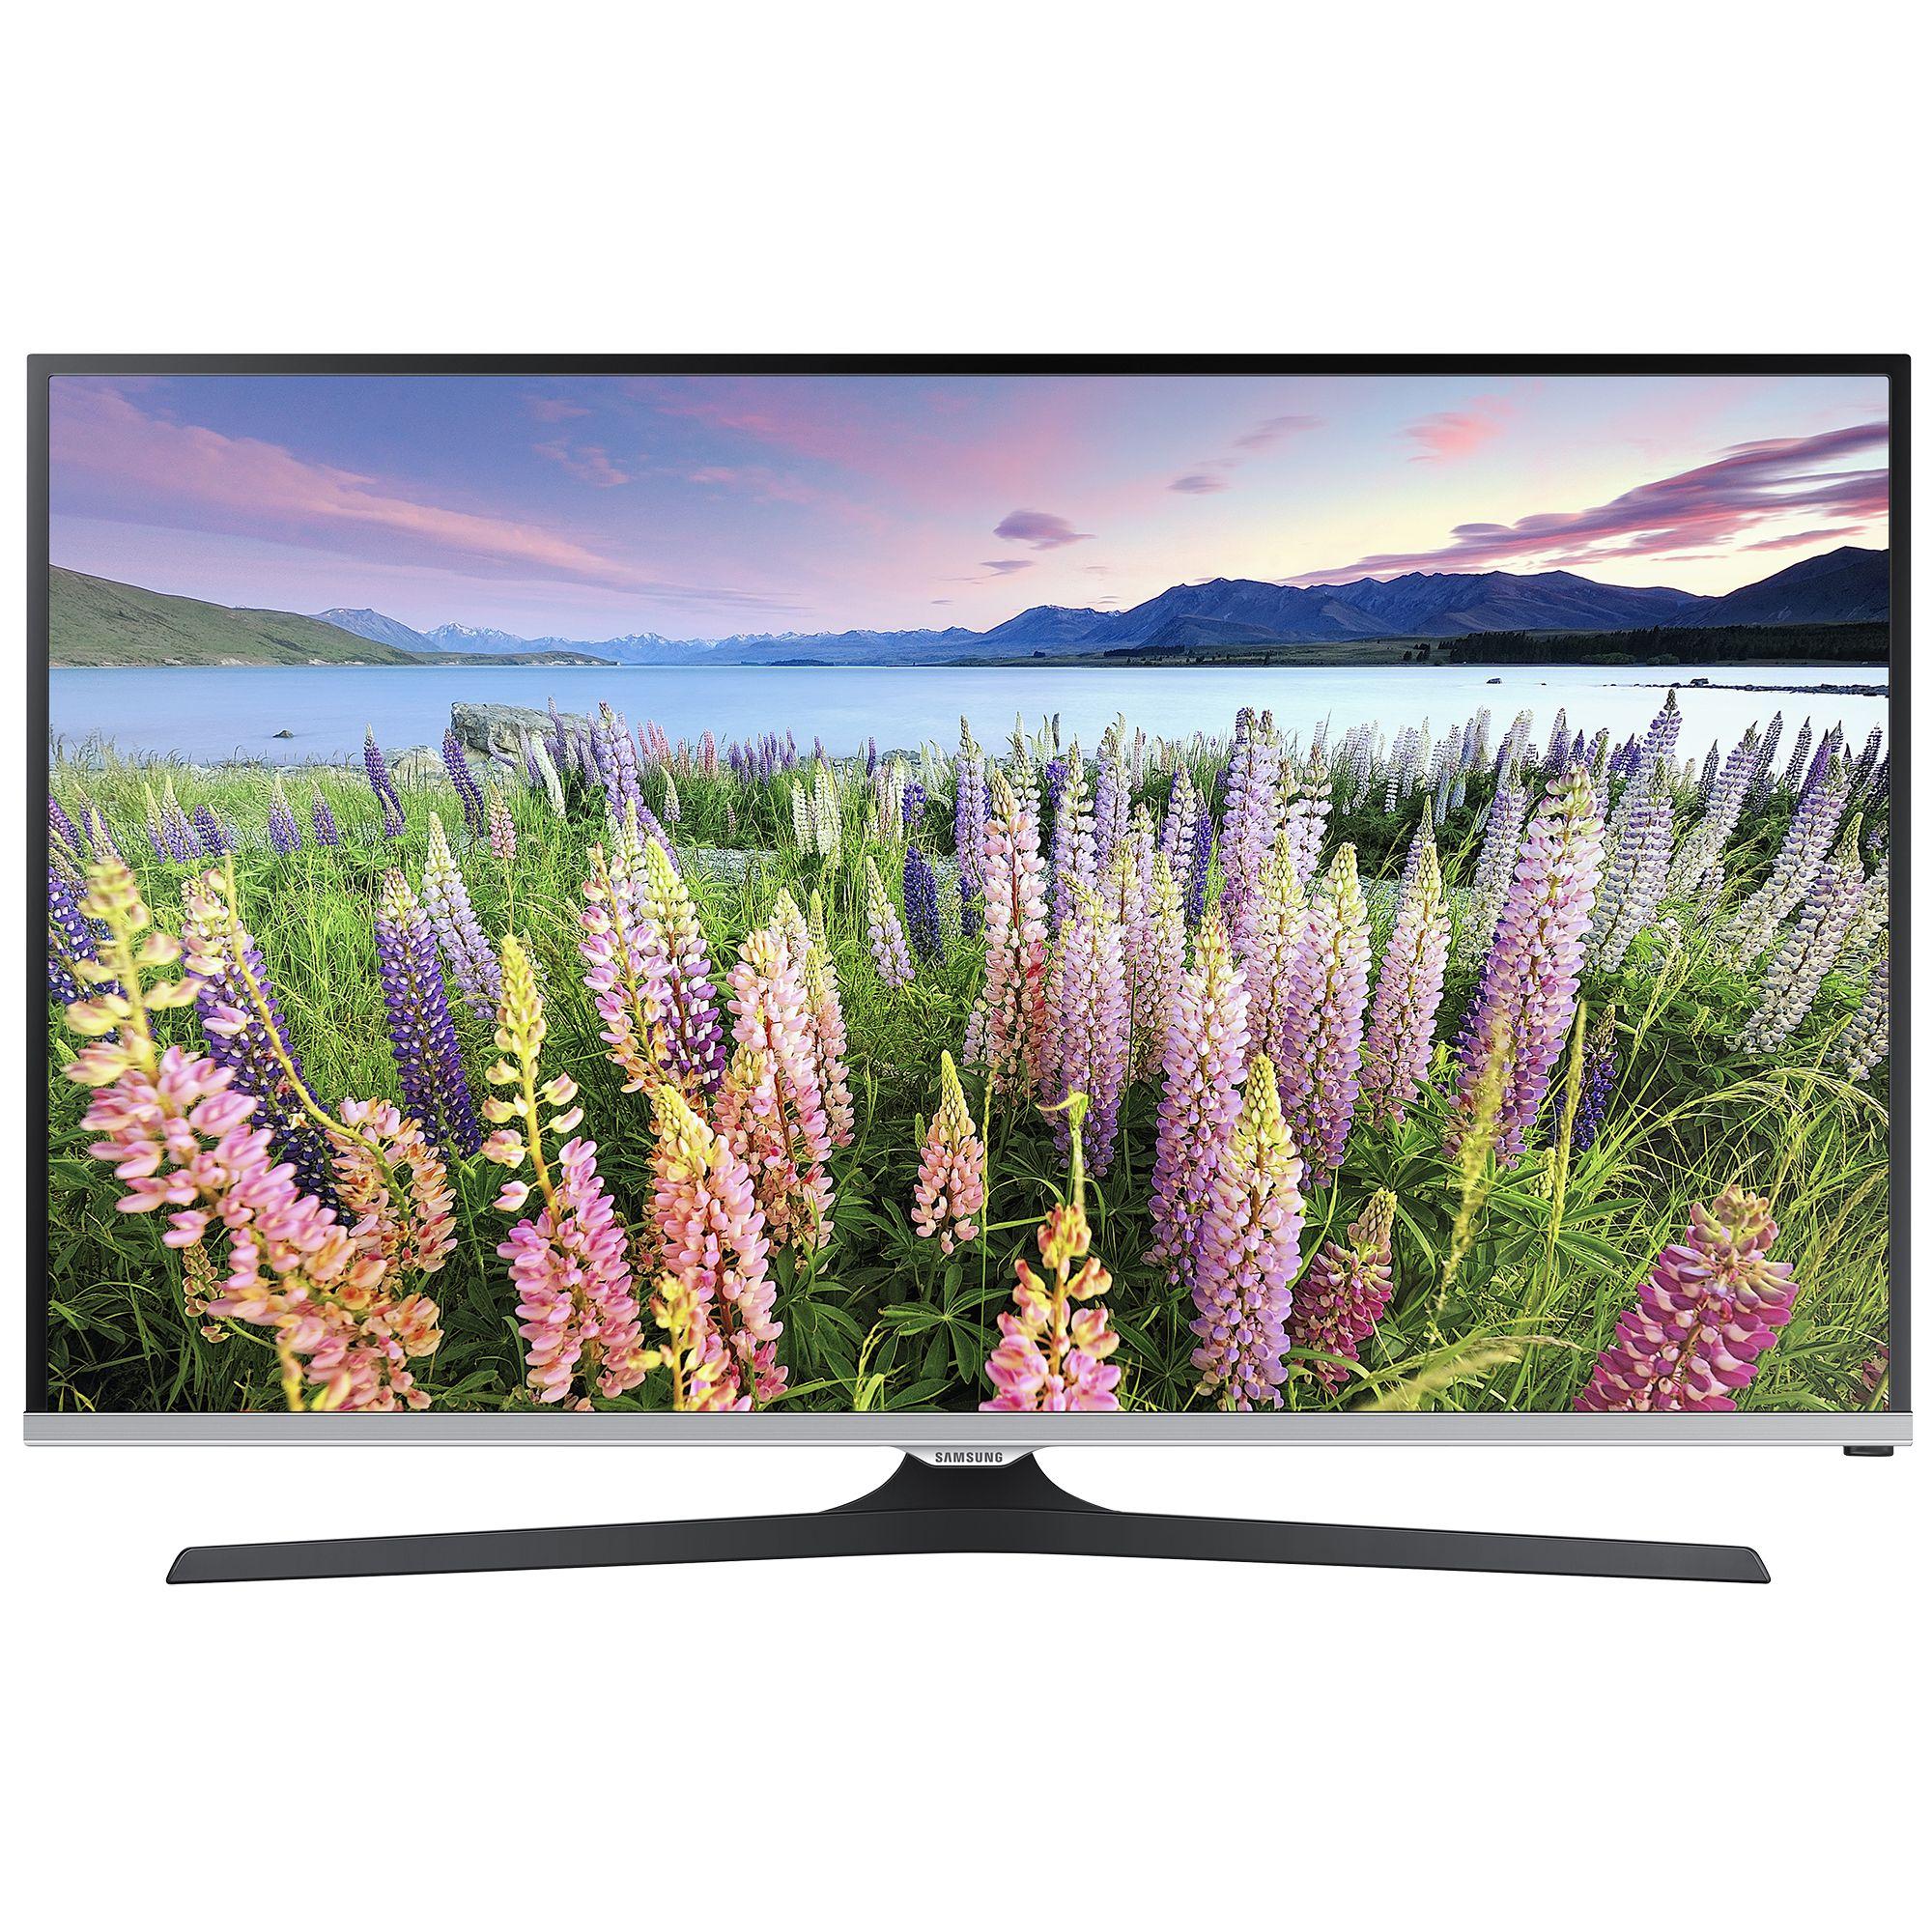 """Telewizor Samsung LED UE50J5100AWXXH (50"""", Full HD) @ Tesco"""